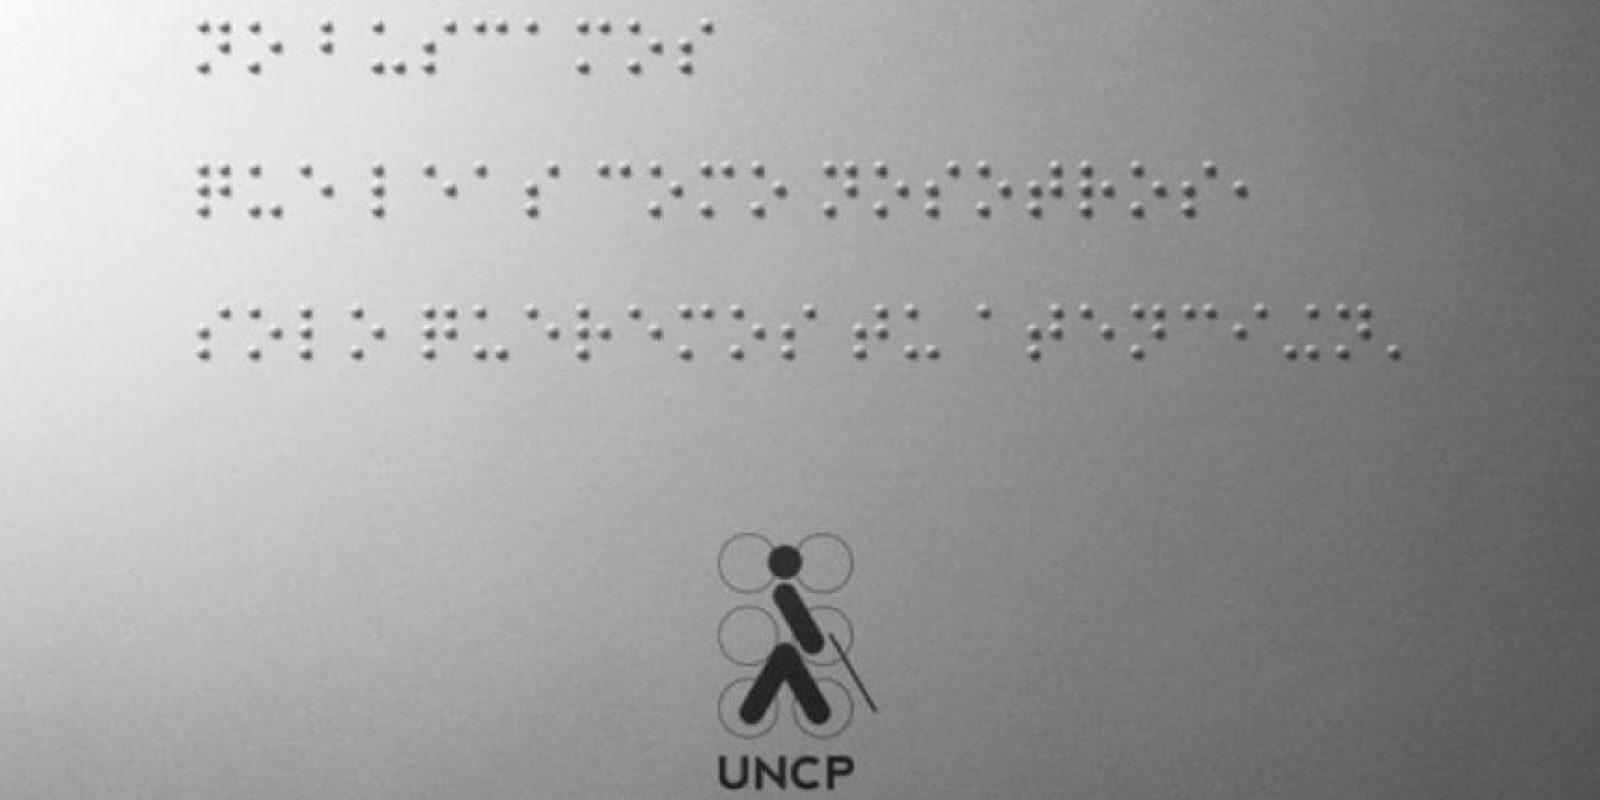 """En 2014 se escribió el primer post en braile en la red social, mismo que fue creado por la Unión Nacional de Ciegos del Perú (UNCP). Decía: """"No buscamos que leas como nosotros, solo queremos tu atención"""". Foto:Unión Nacional de Ciegos del Perú (UNCP)"""